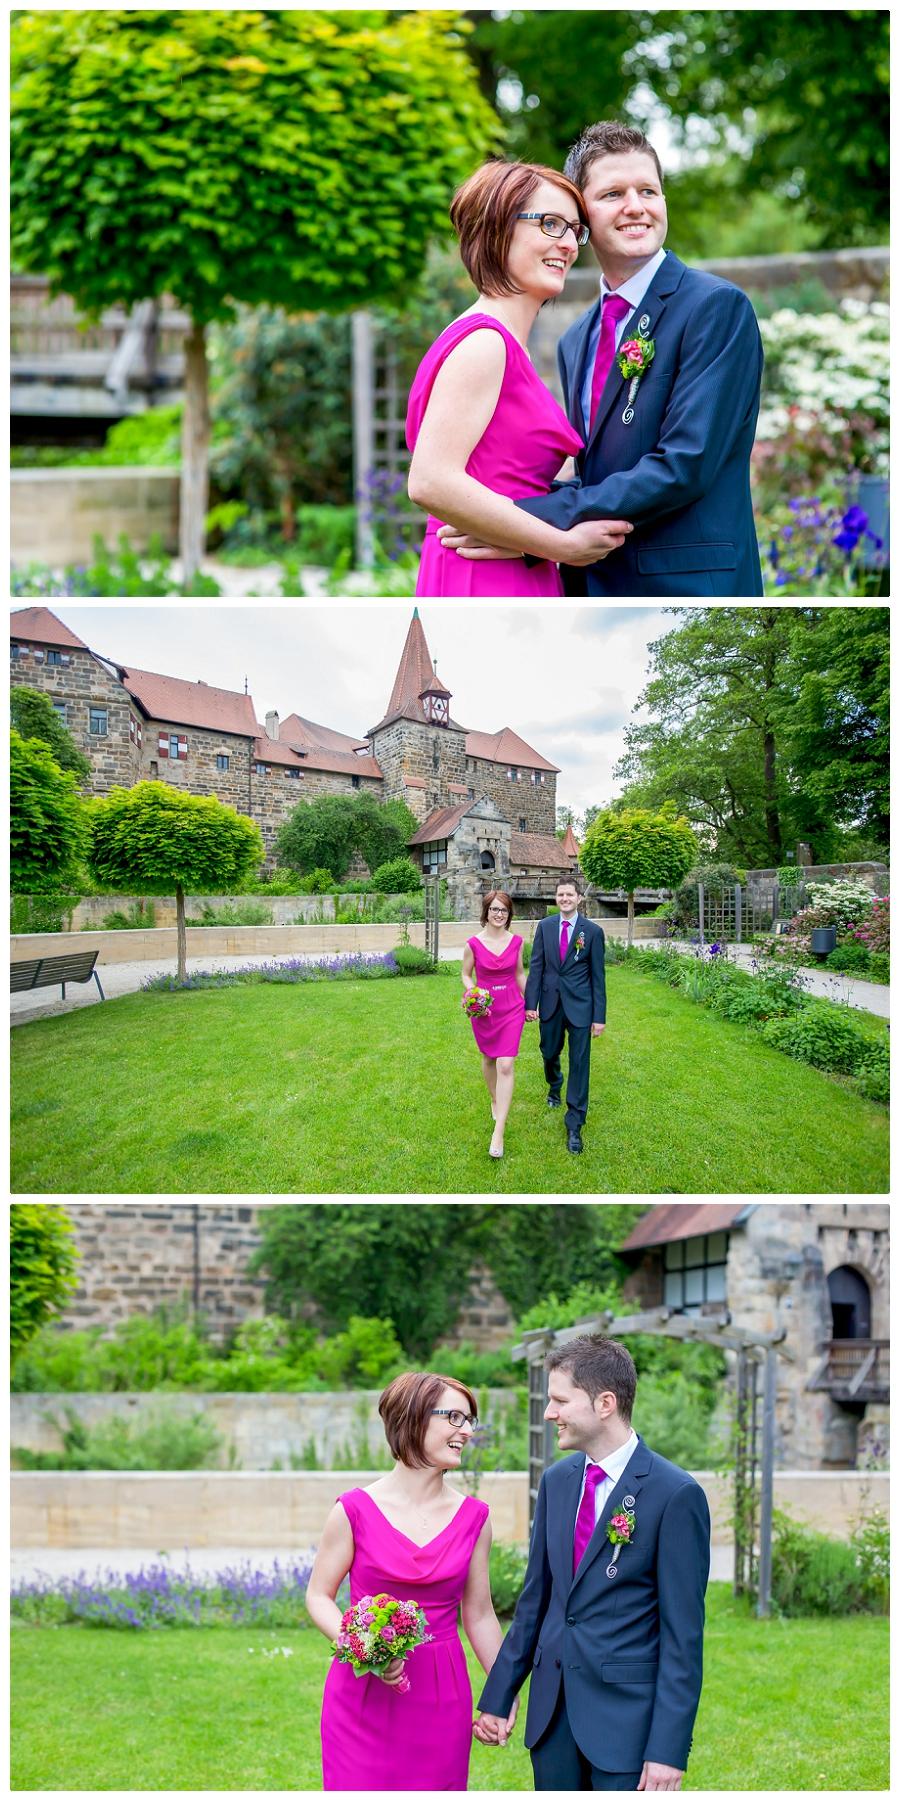 011_Hochzeit_Wenzelschloss_Lauf_ClaudiaPelny